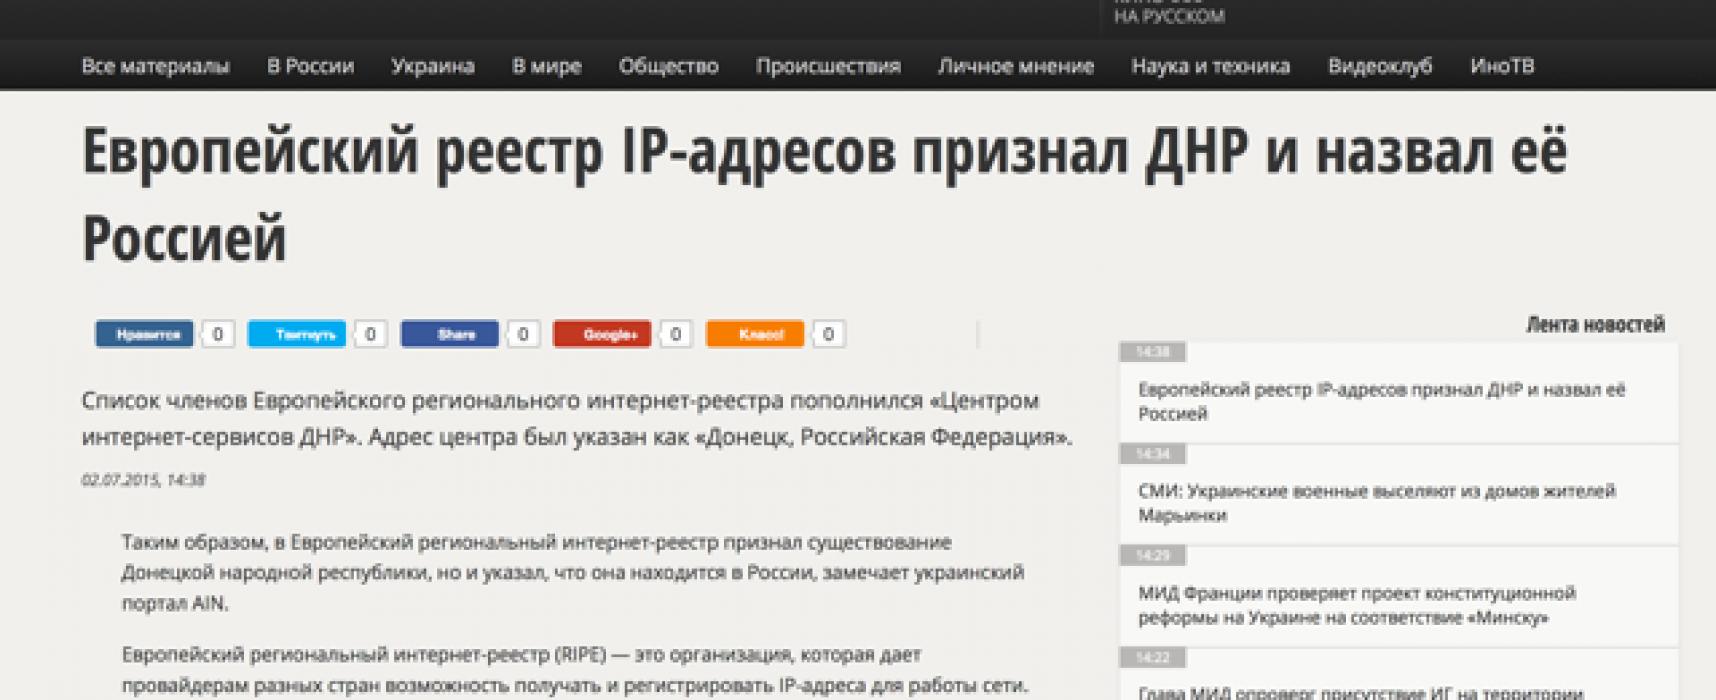 Ложь: Европейский реестр IP адресов признал независимость ДНР и принадлежность Донецка России